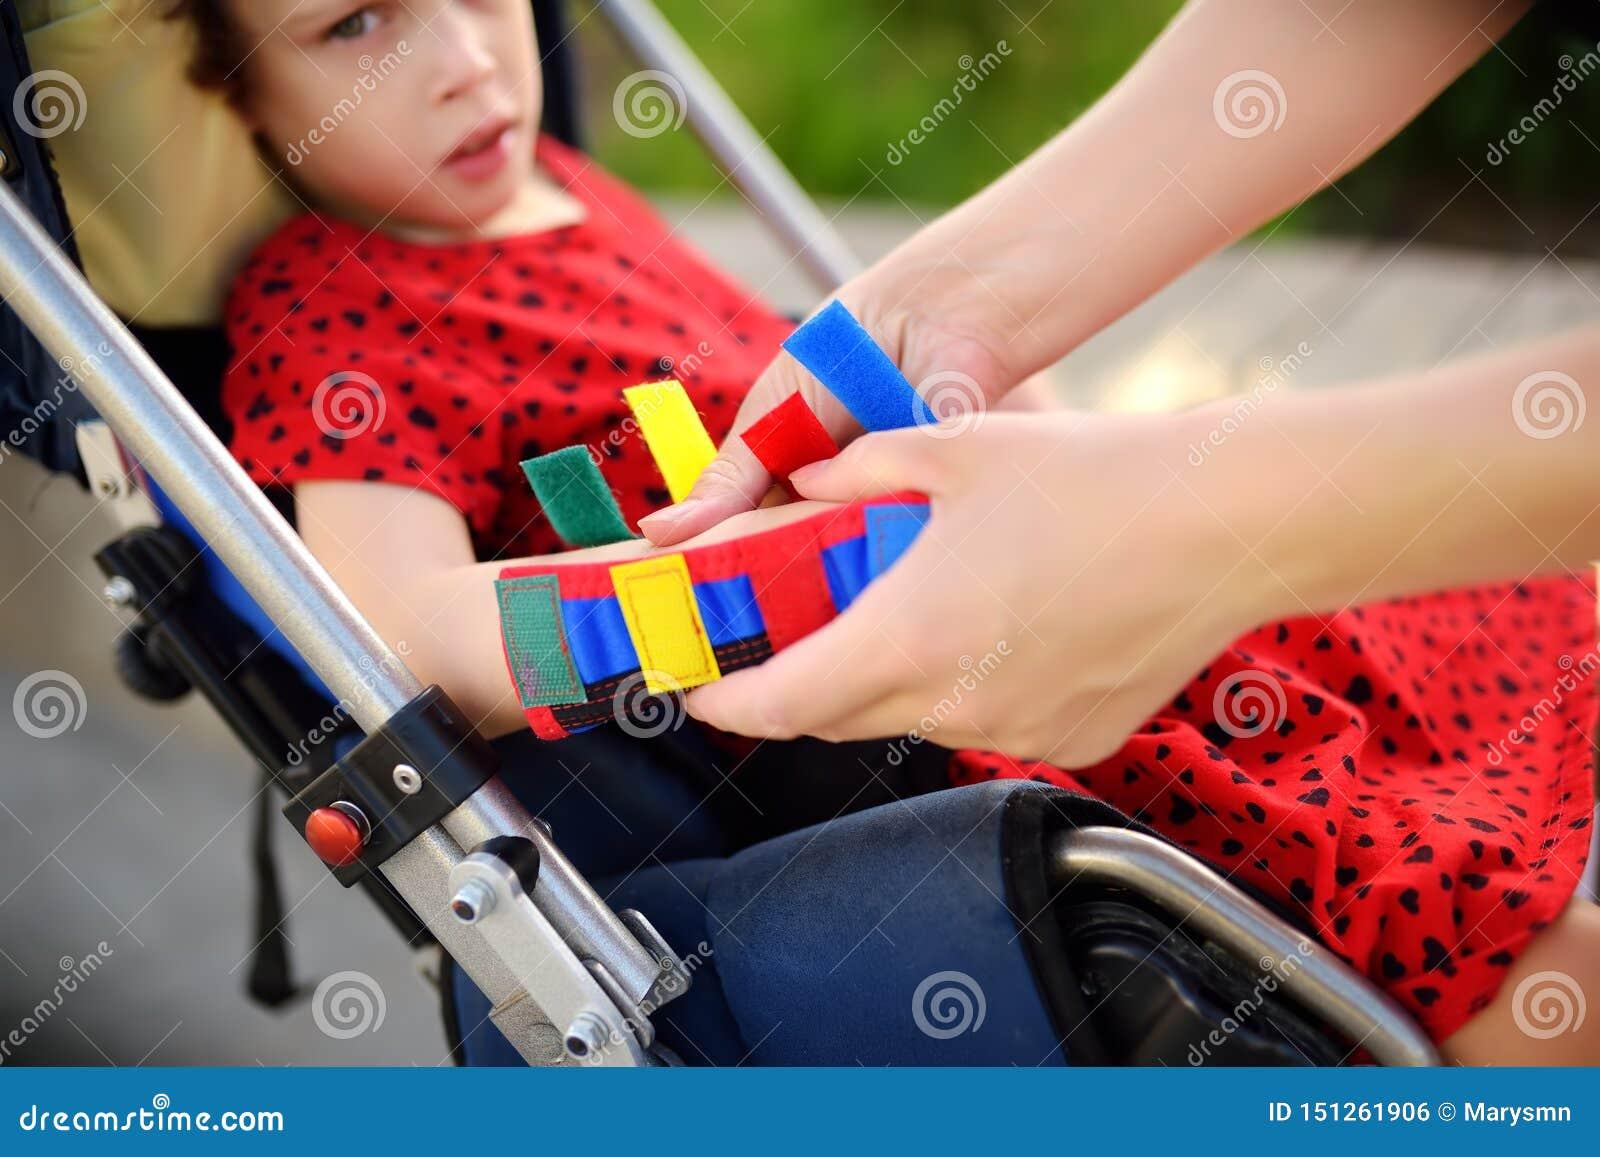 Η μητέρα βάζει την όρθωση στα όπλα κορών της Εκτός λειτουργίας συνεδρίαση κοριτσιών σε μια αναπηρική καρέκλα Εγκεφαλική παράλυση